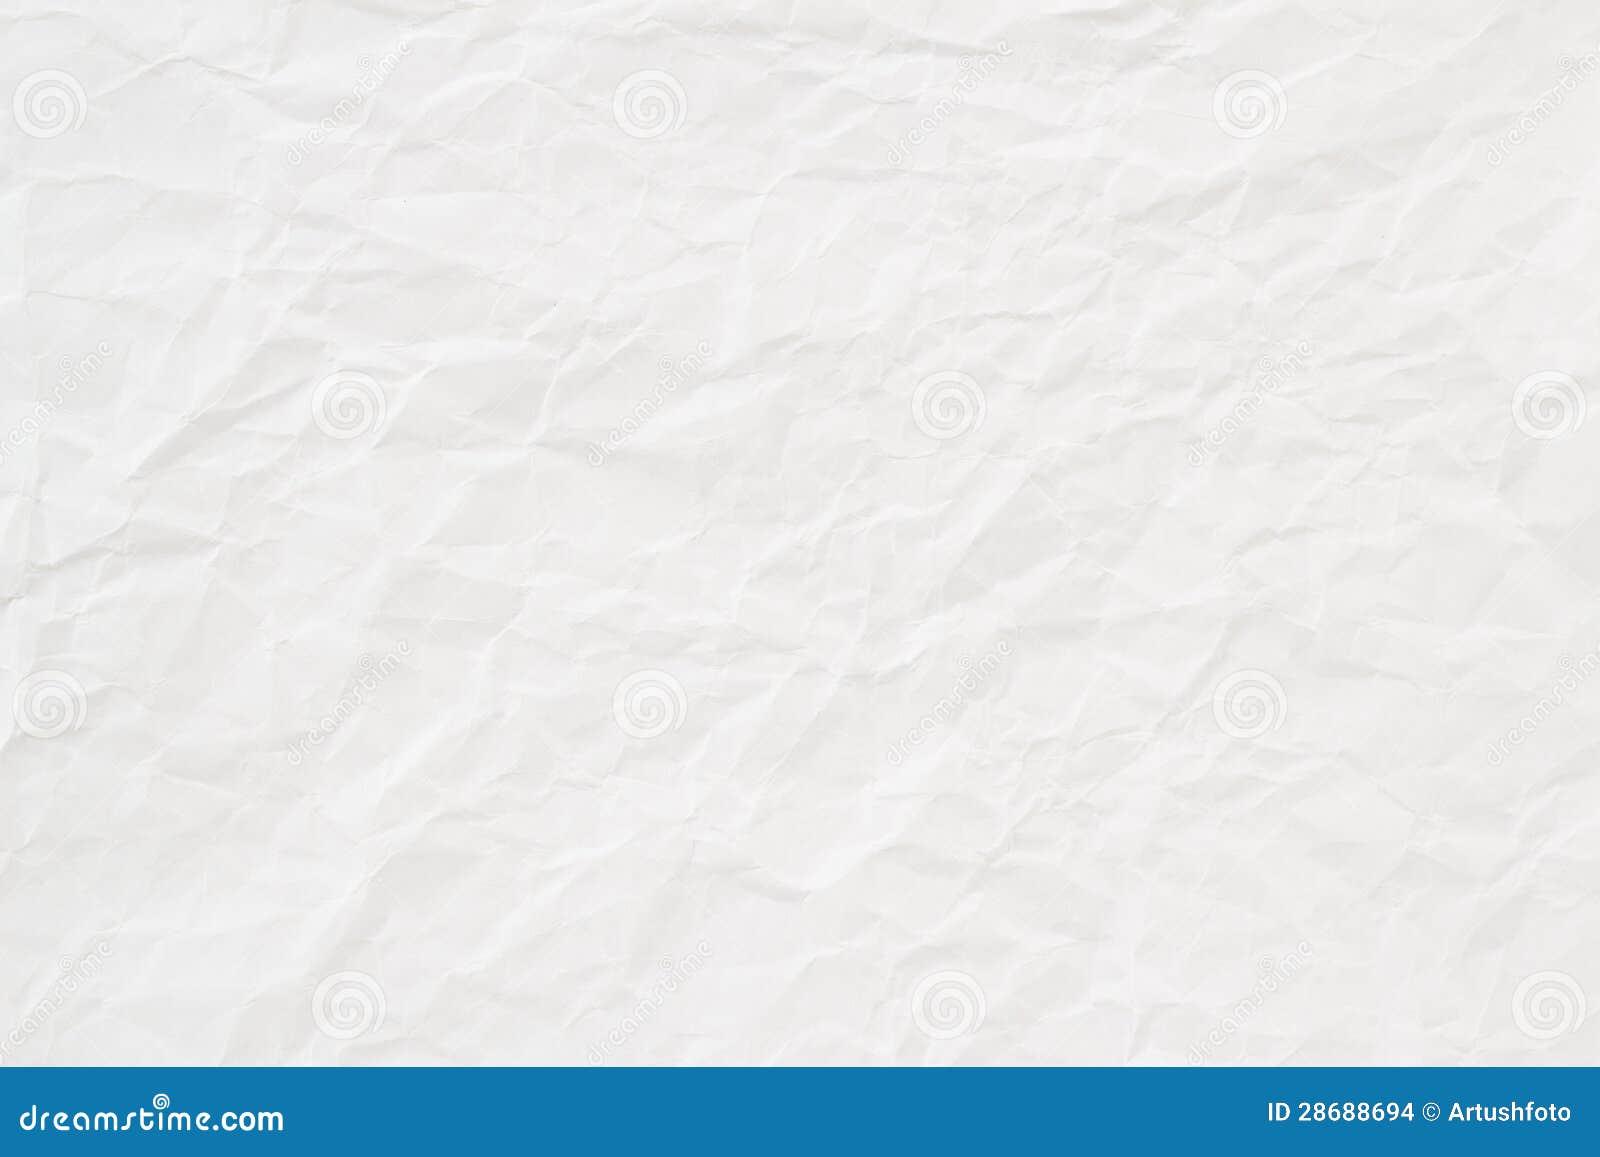 白色被弄皱的纸纹理或背景